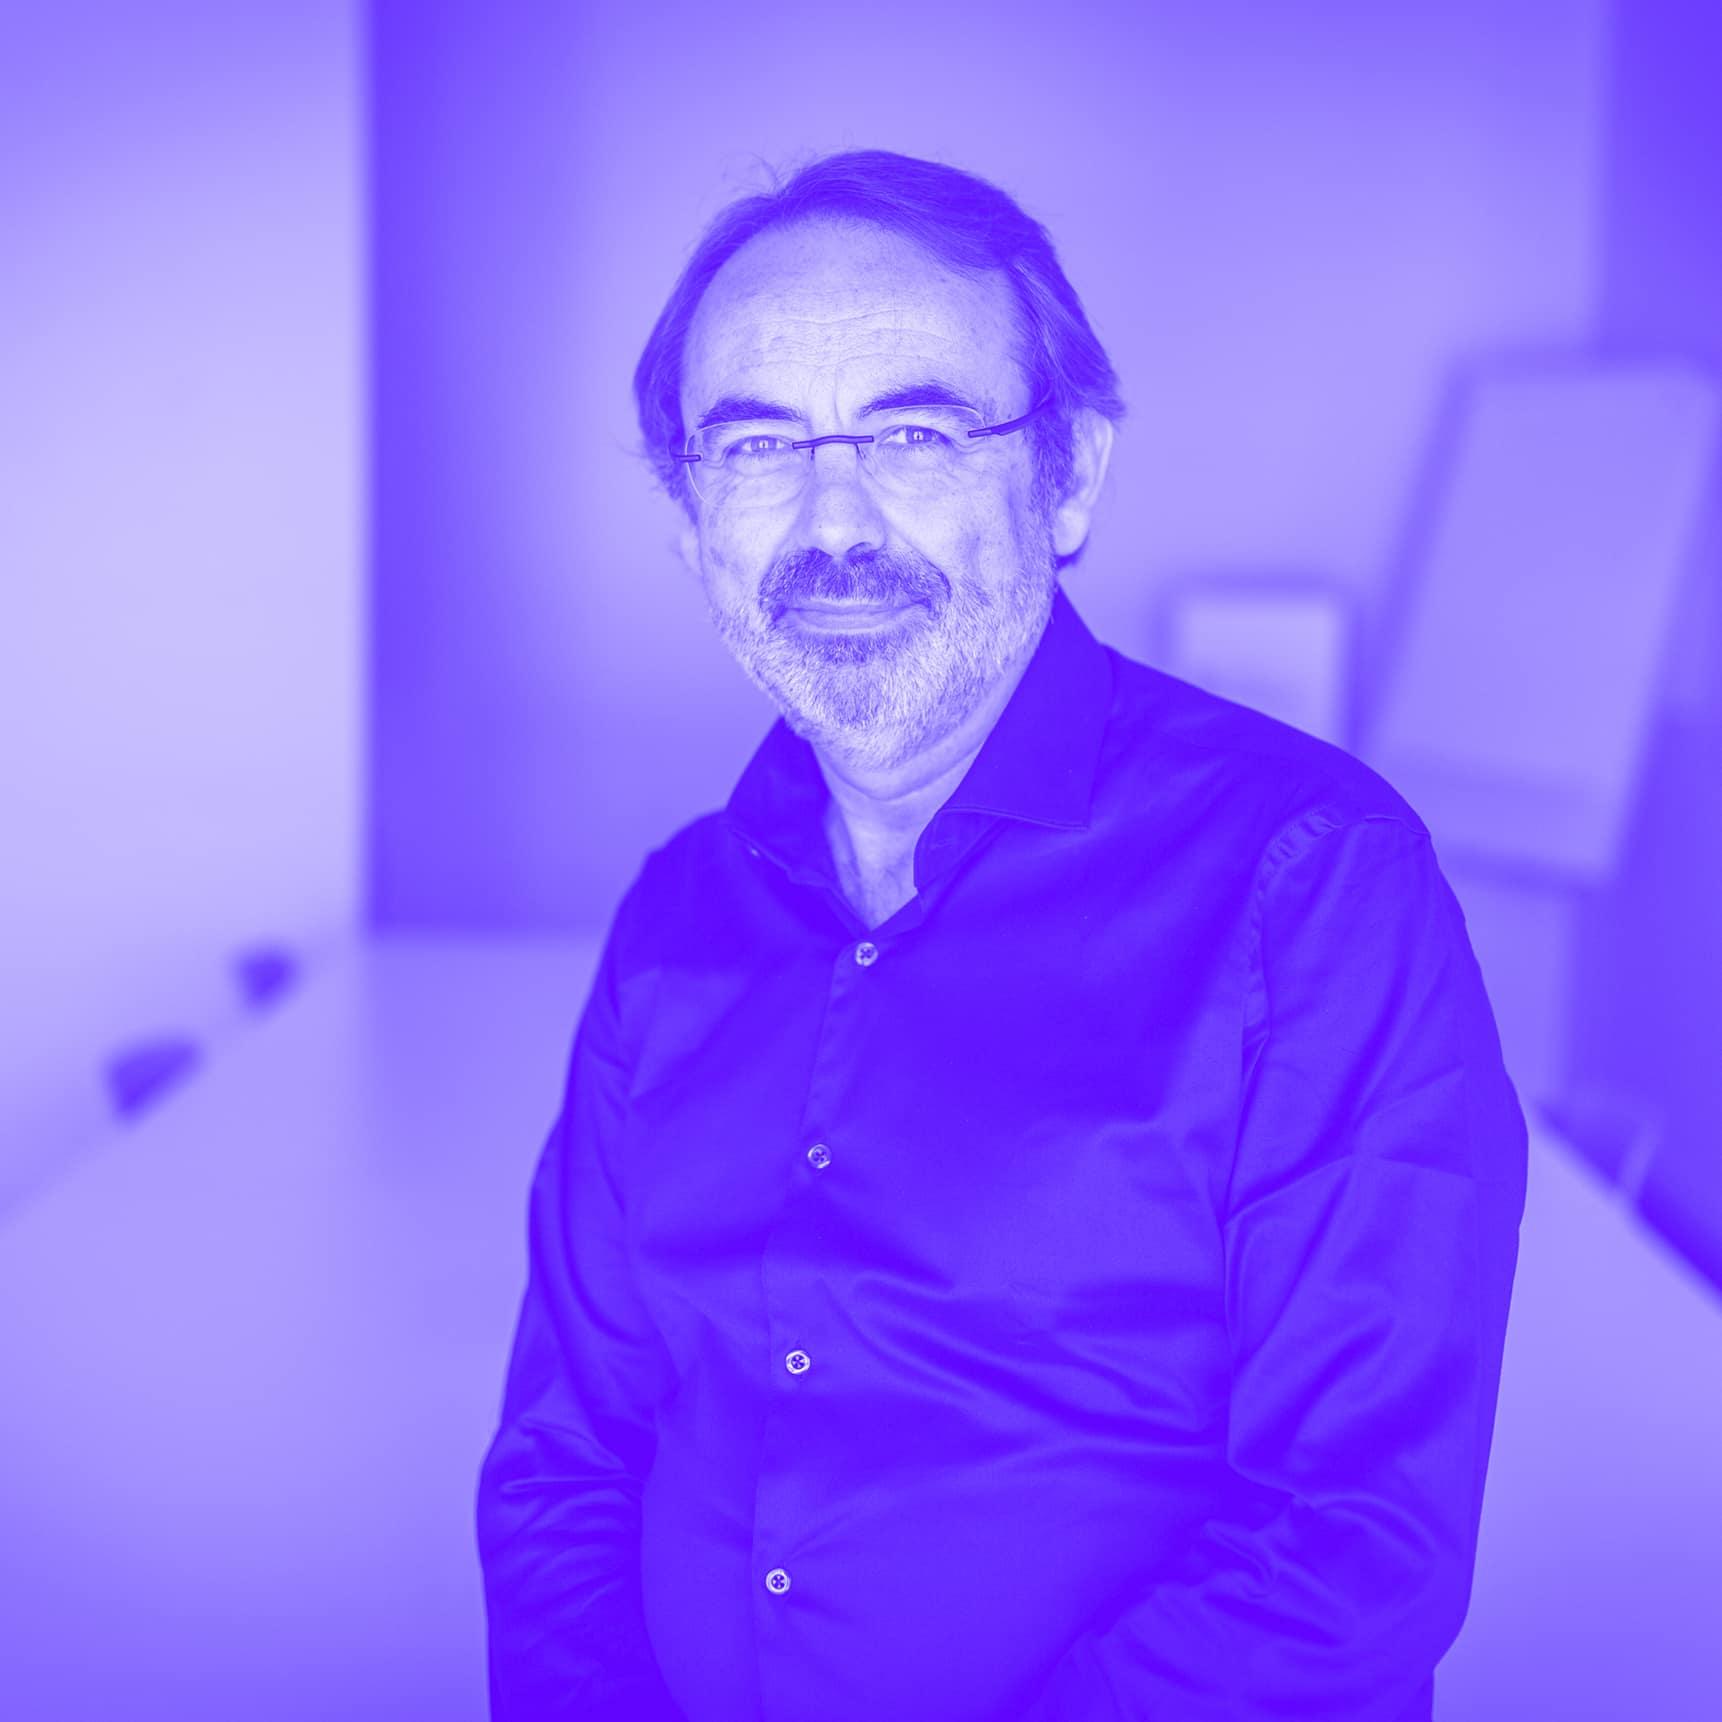 David Riudor